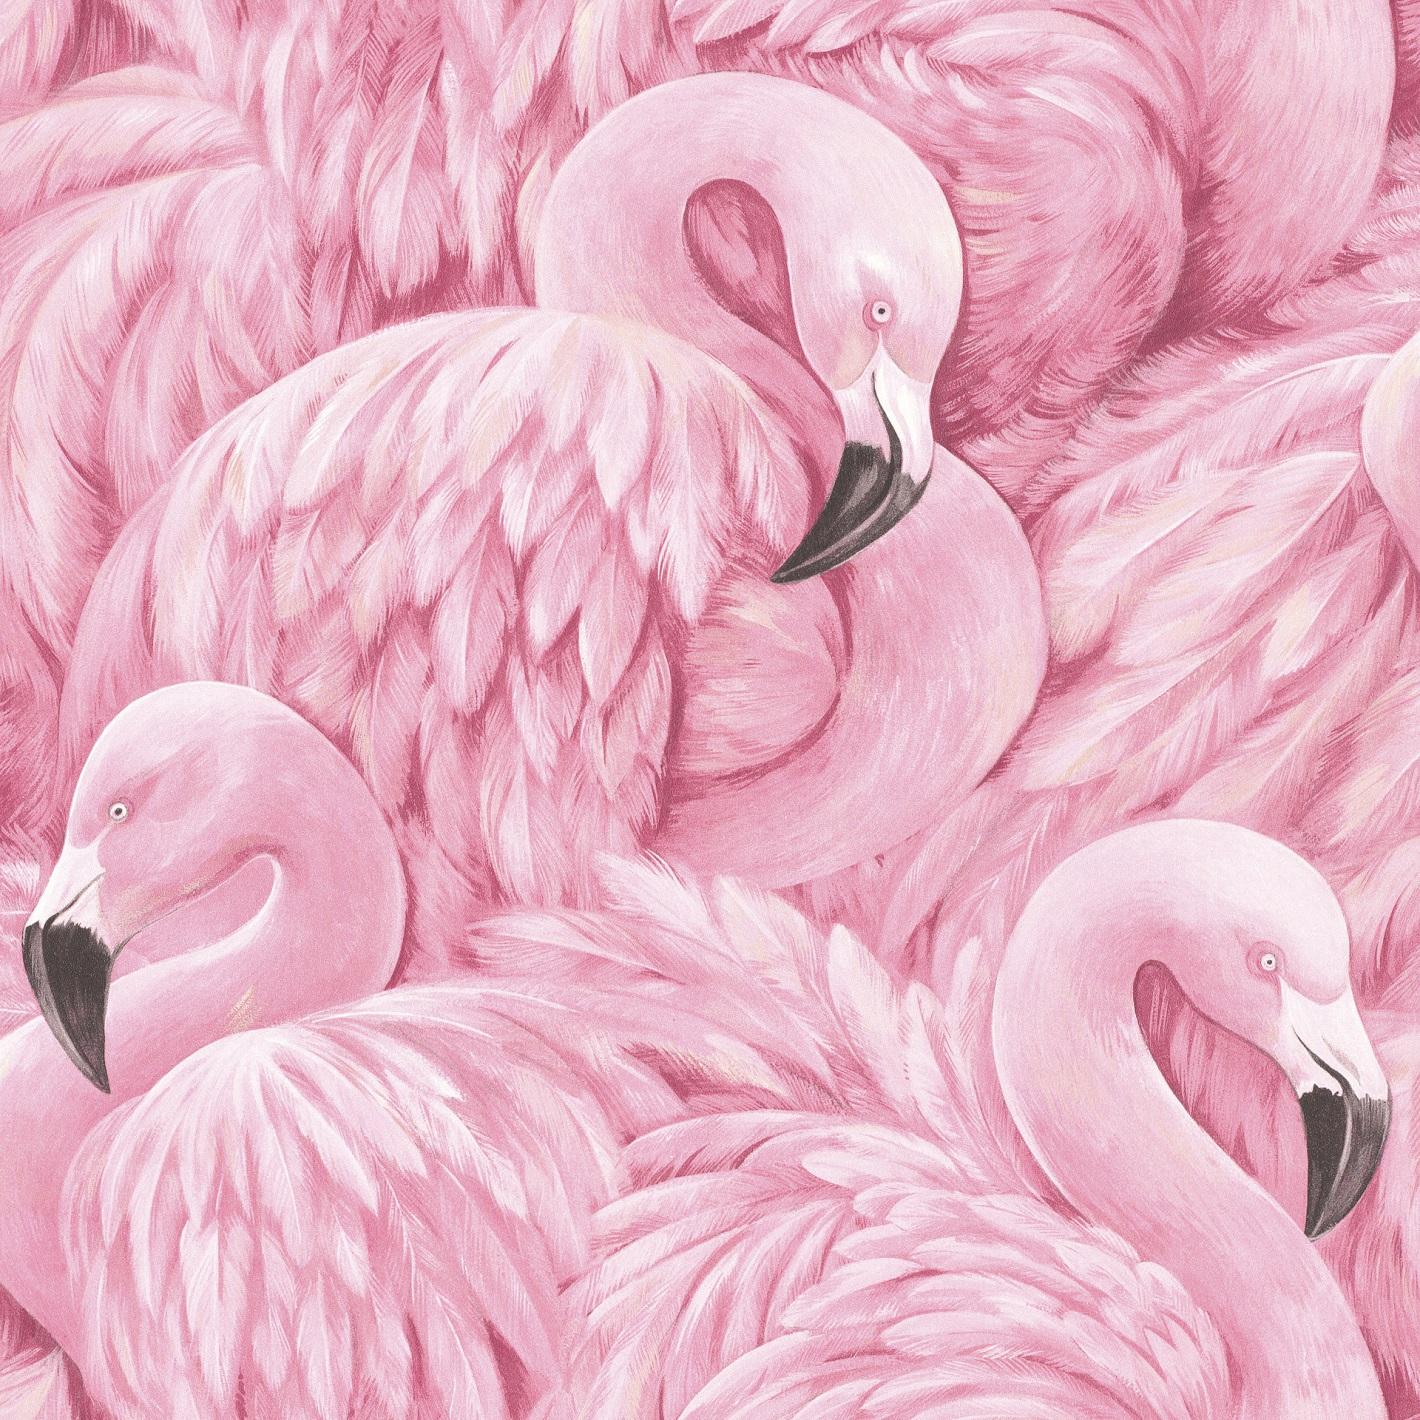 постер в розовых тонах идет